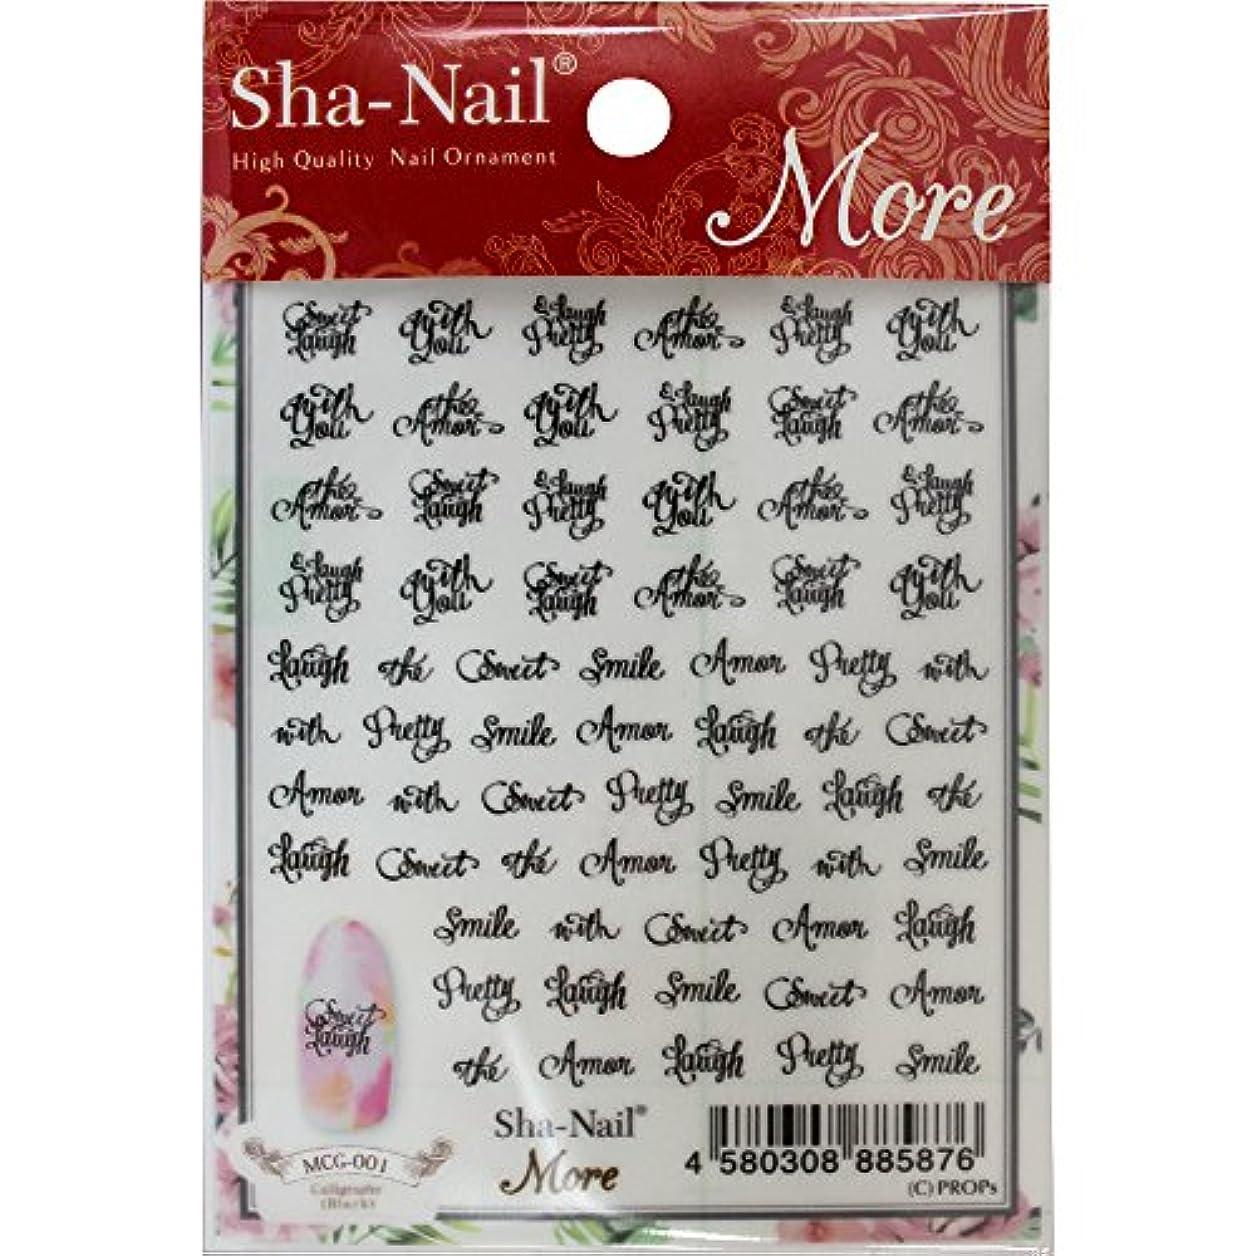 見込み統合する登録Sha-Nail More ネイルシール カリグラフィー ブラック アート材